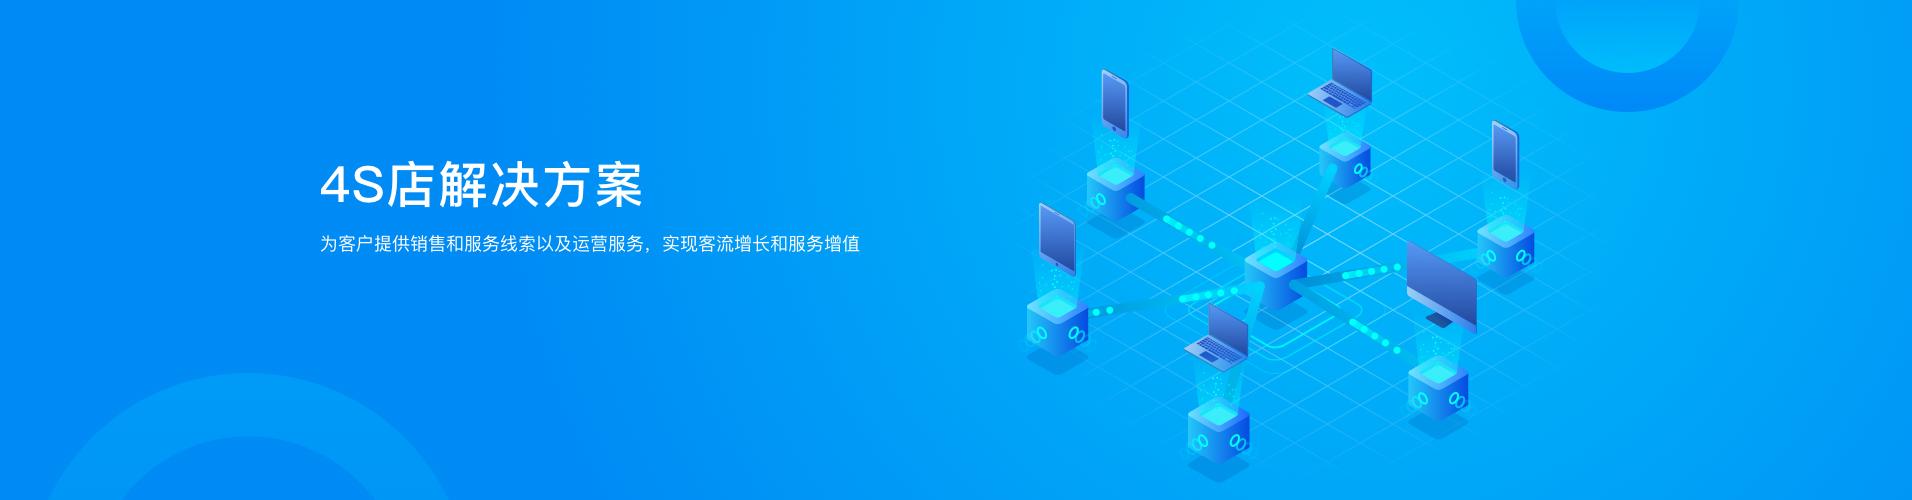 广联赛讯4S店解决方案